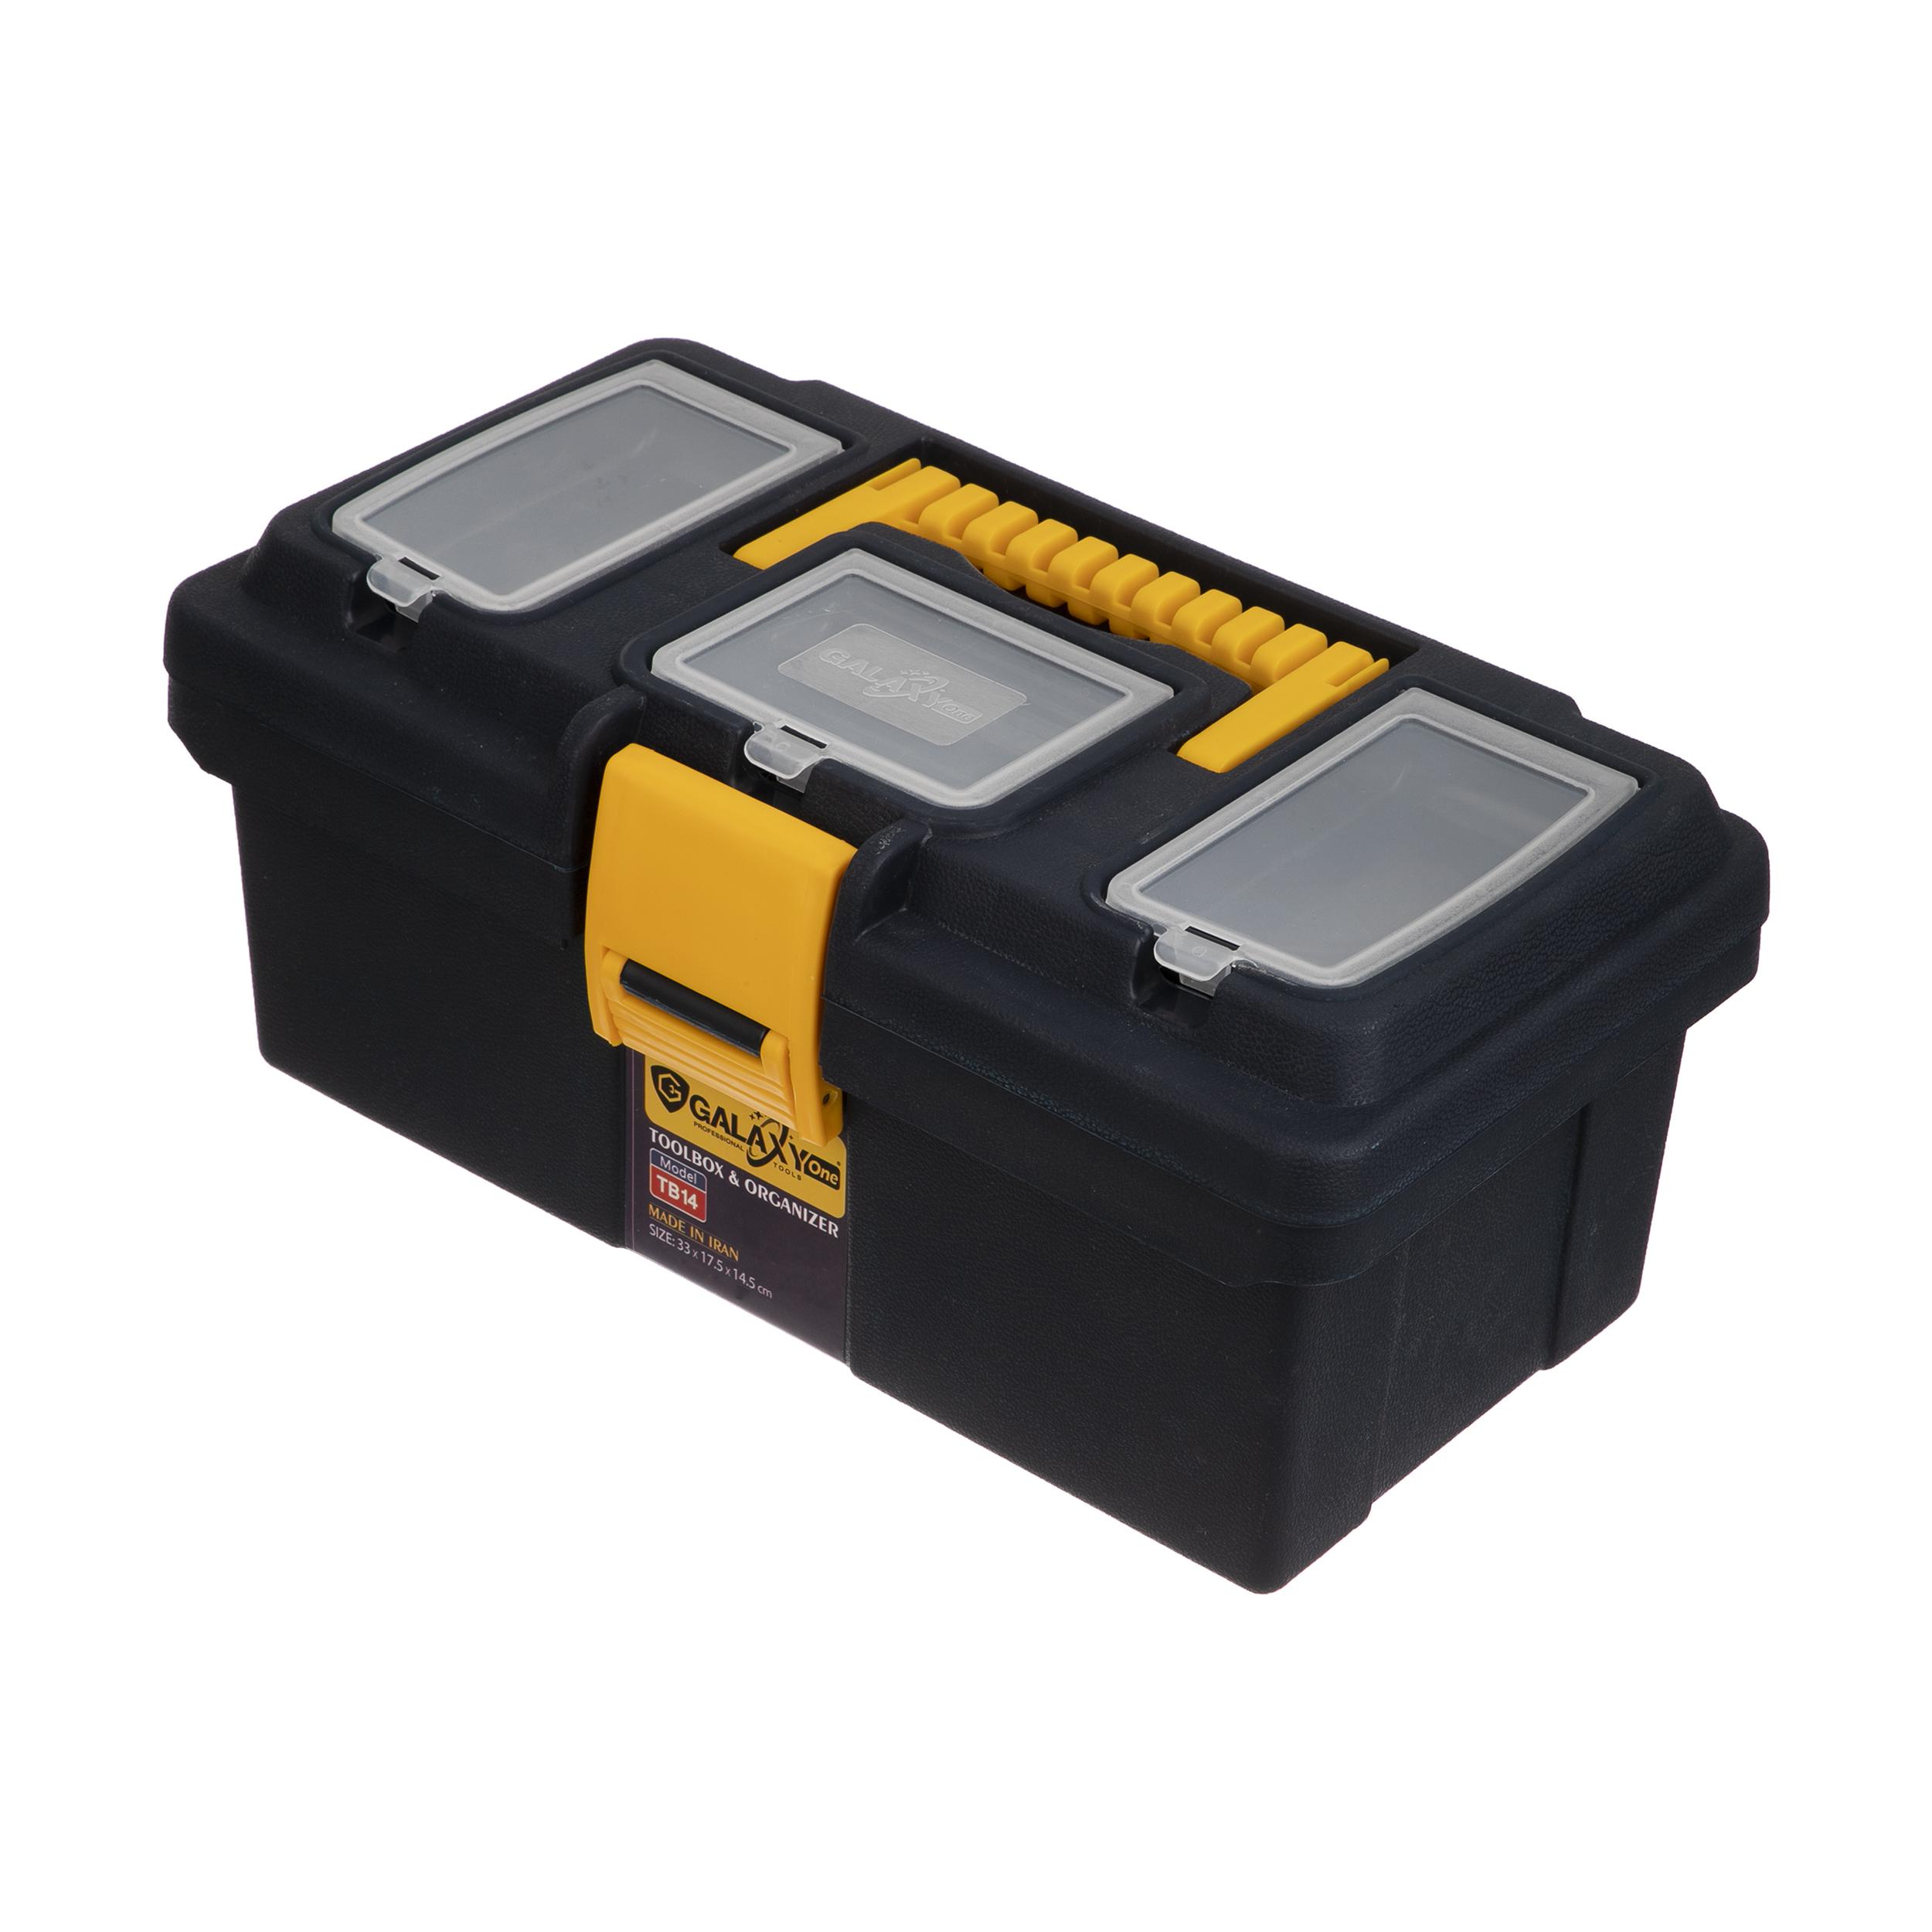 جعبه ابزار گلکسی وان مدل TB14